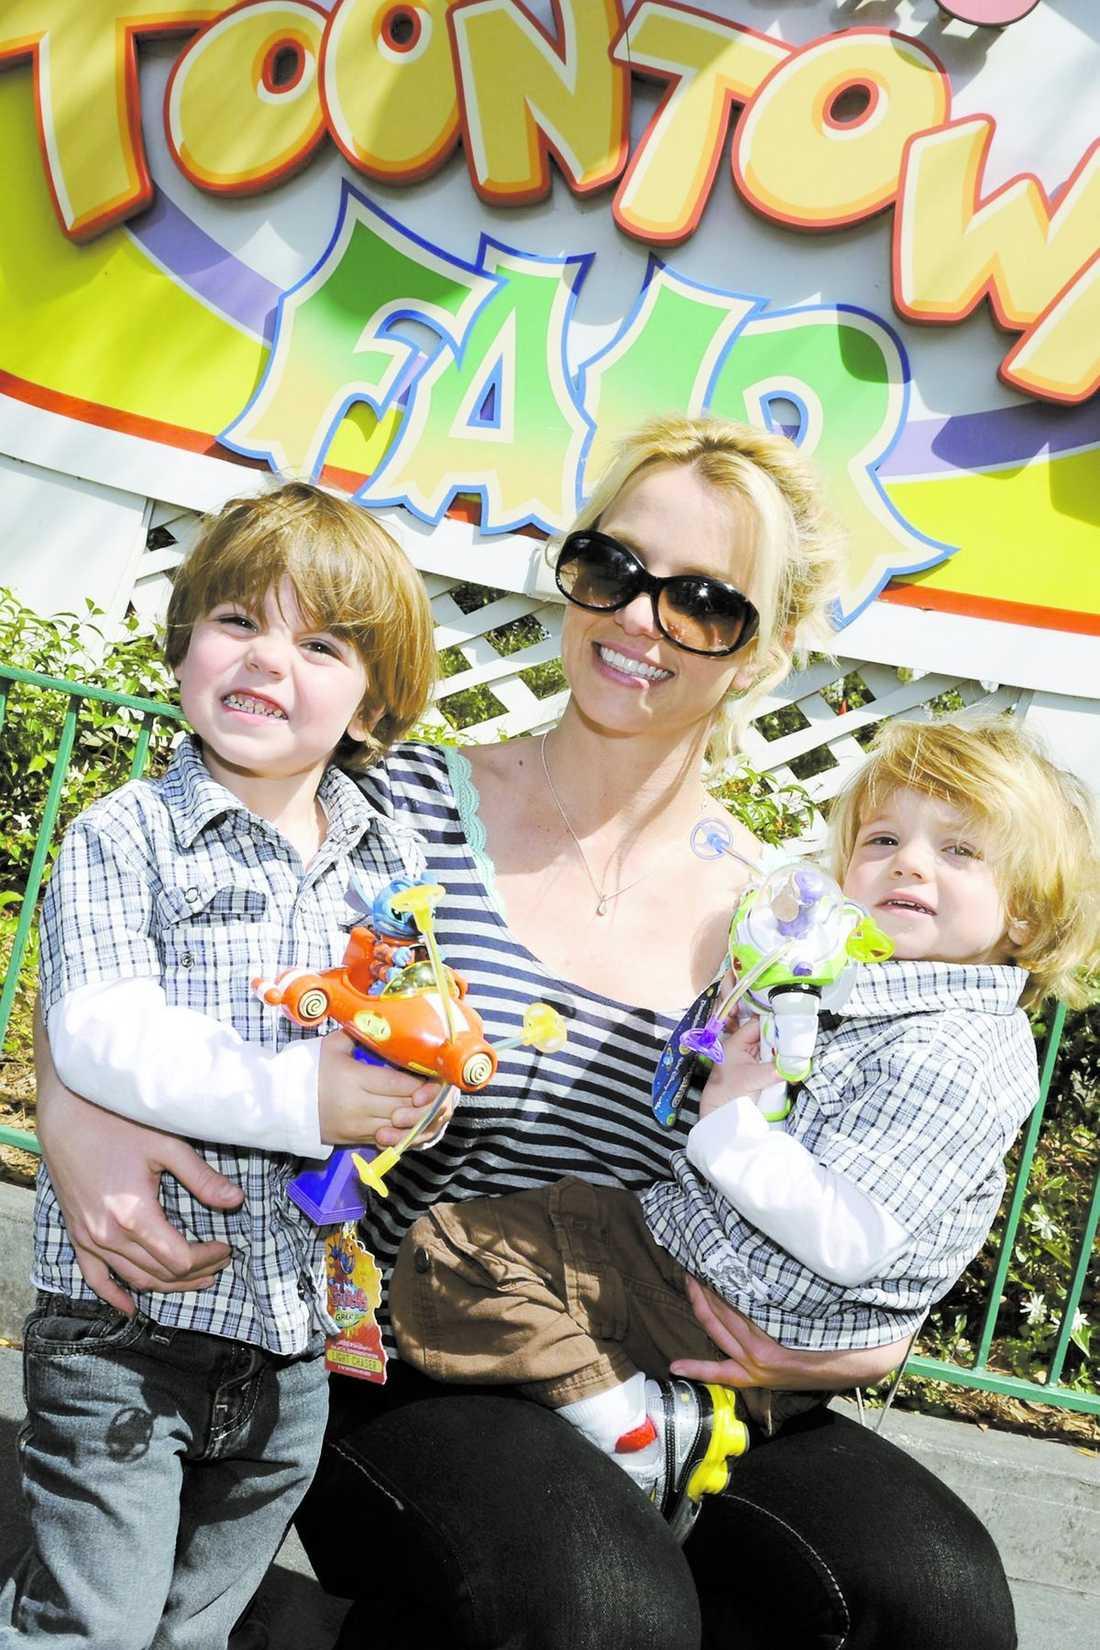 Britney gör nu allt för att visa upp en välputsad fasad utåt. Kändisfotograferna ges möjlighet att fota henne tillsammans med hennes söner, Sean Preston och Jayden James.